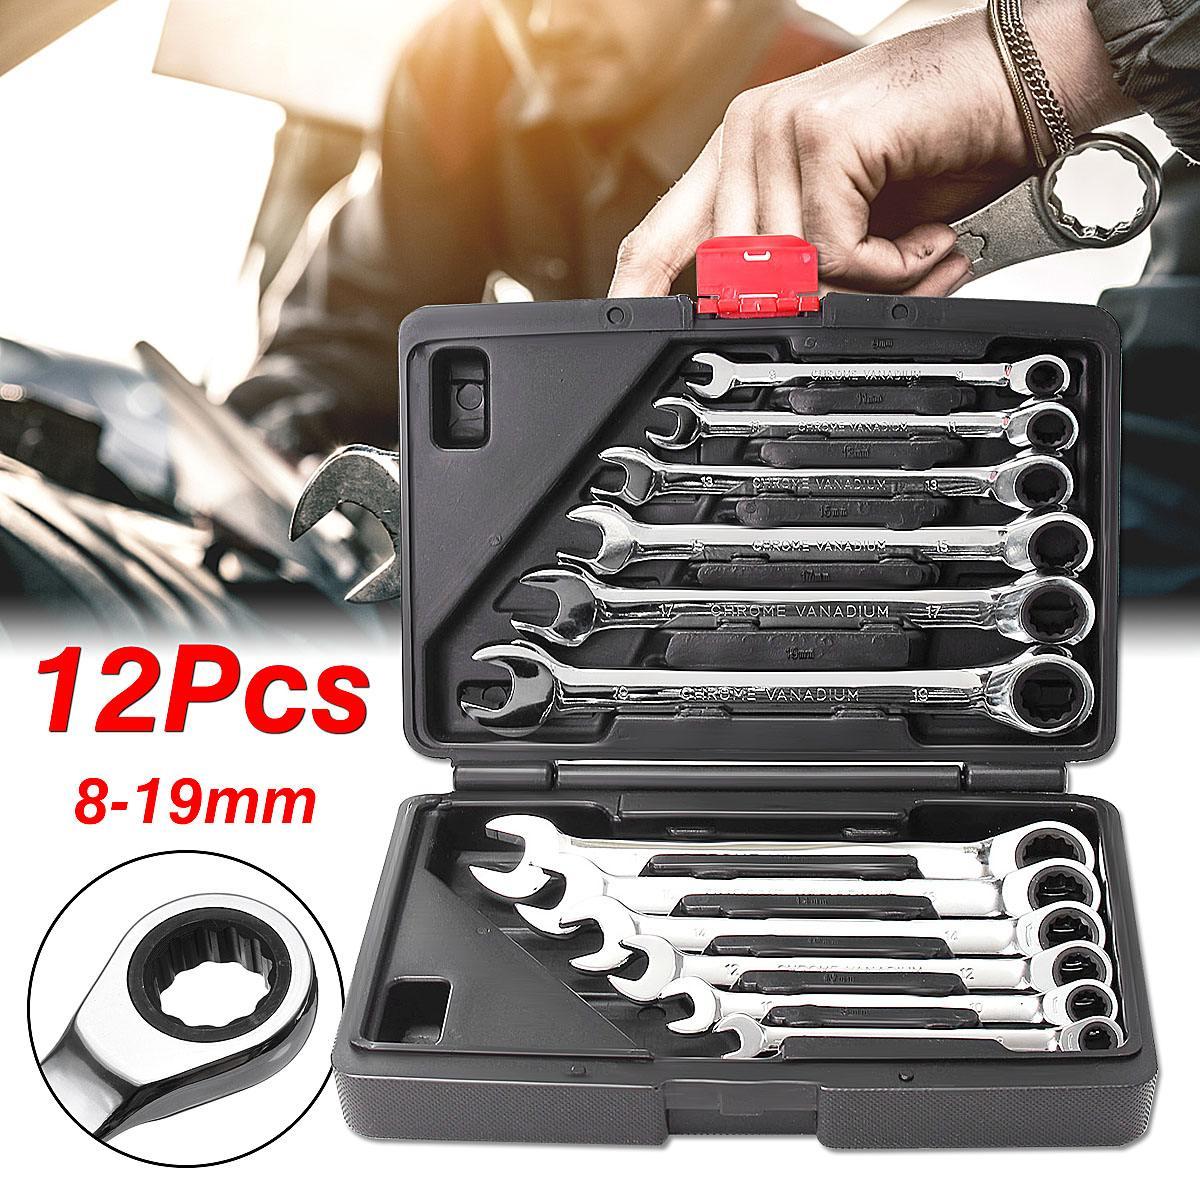 Ensemble de clés combinées à cliquet 12 pc 8-19mm ensemble de clés à cliquet à tête fixe métrique ensemble de clés à couple élevé avec boîte